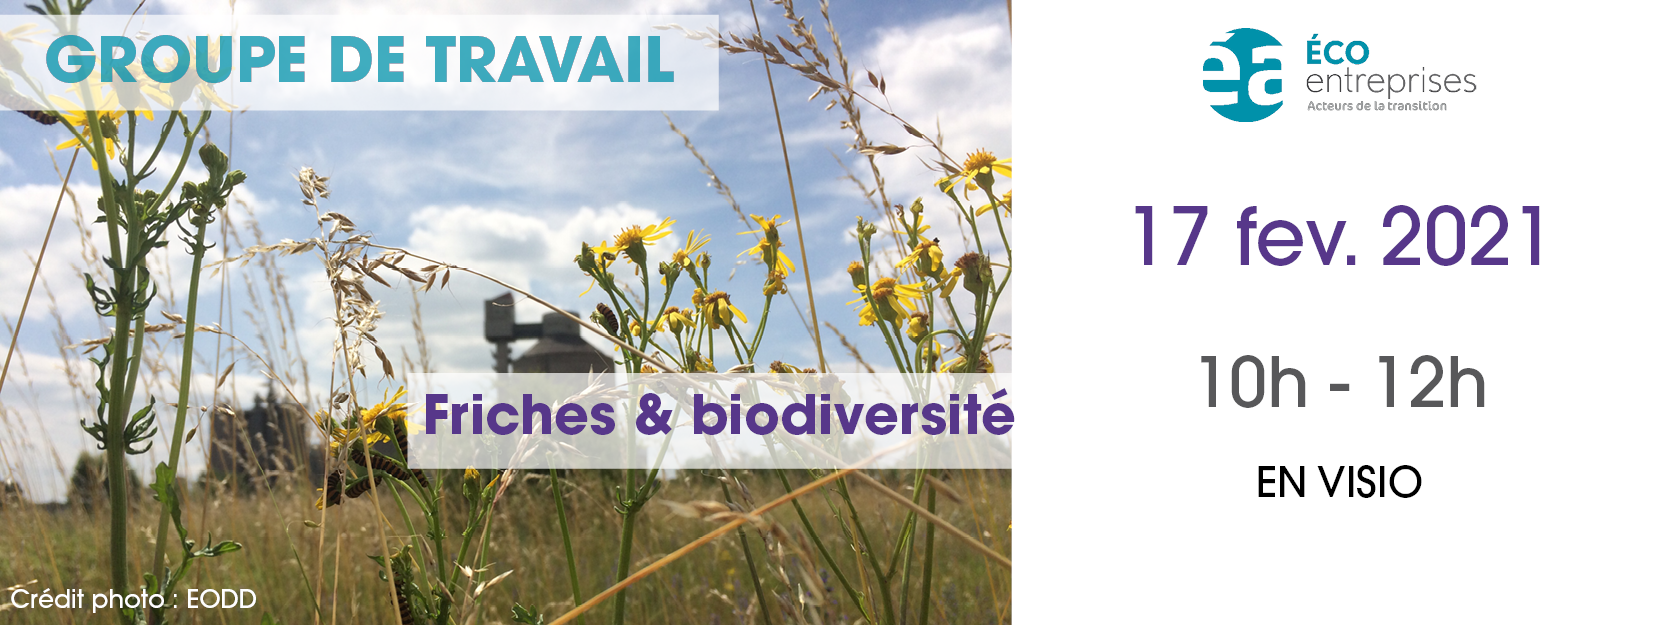 [SAVE THE DATE] Groupe de travail : Friches & Biodiversité